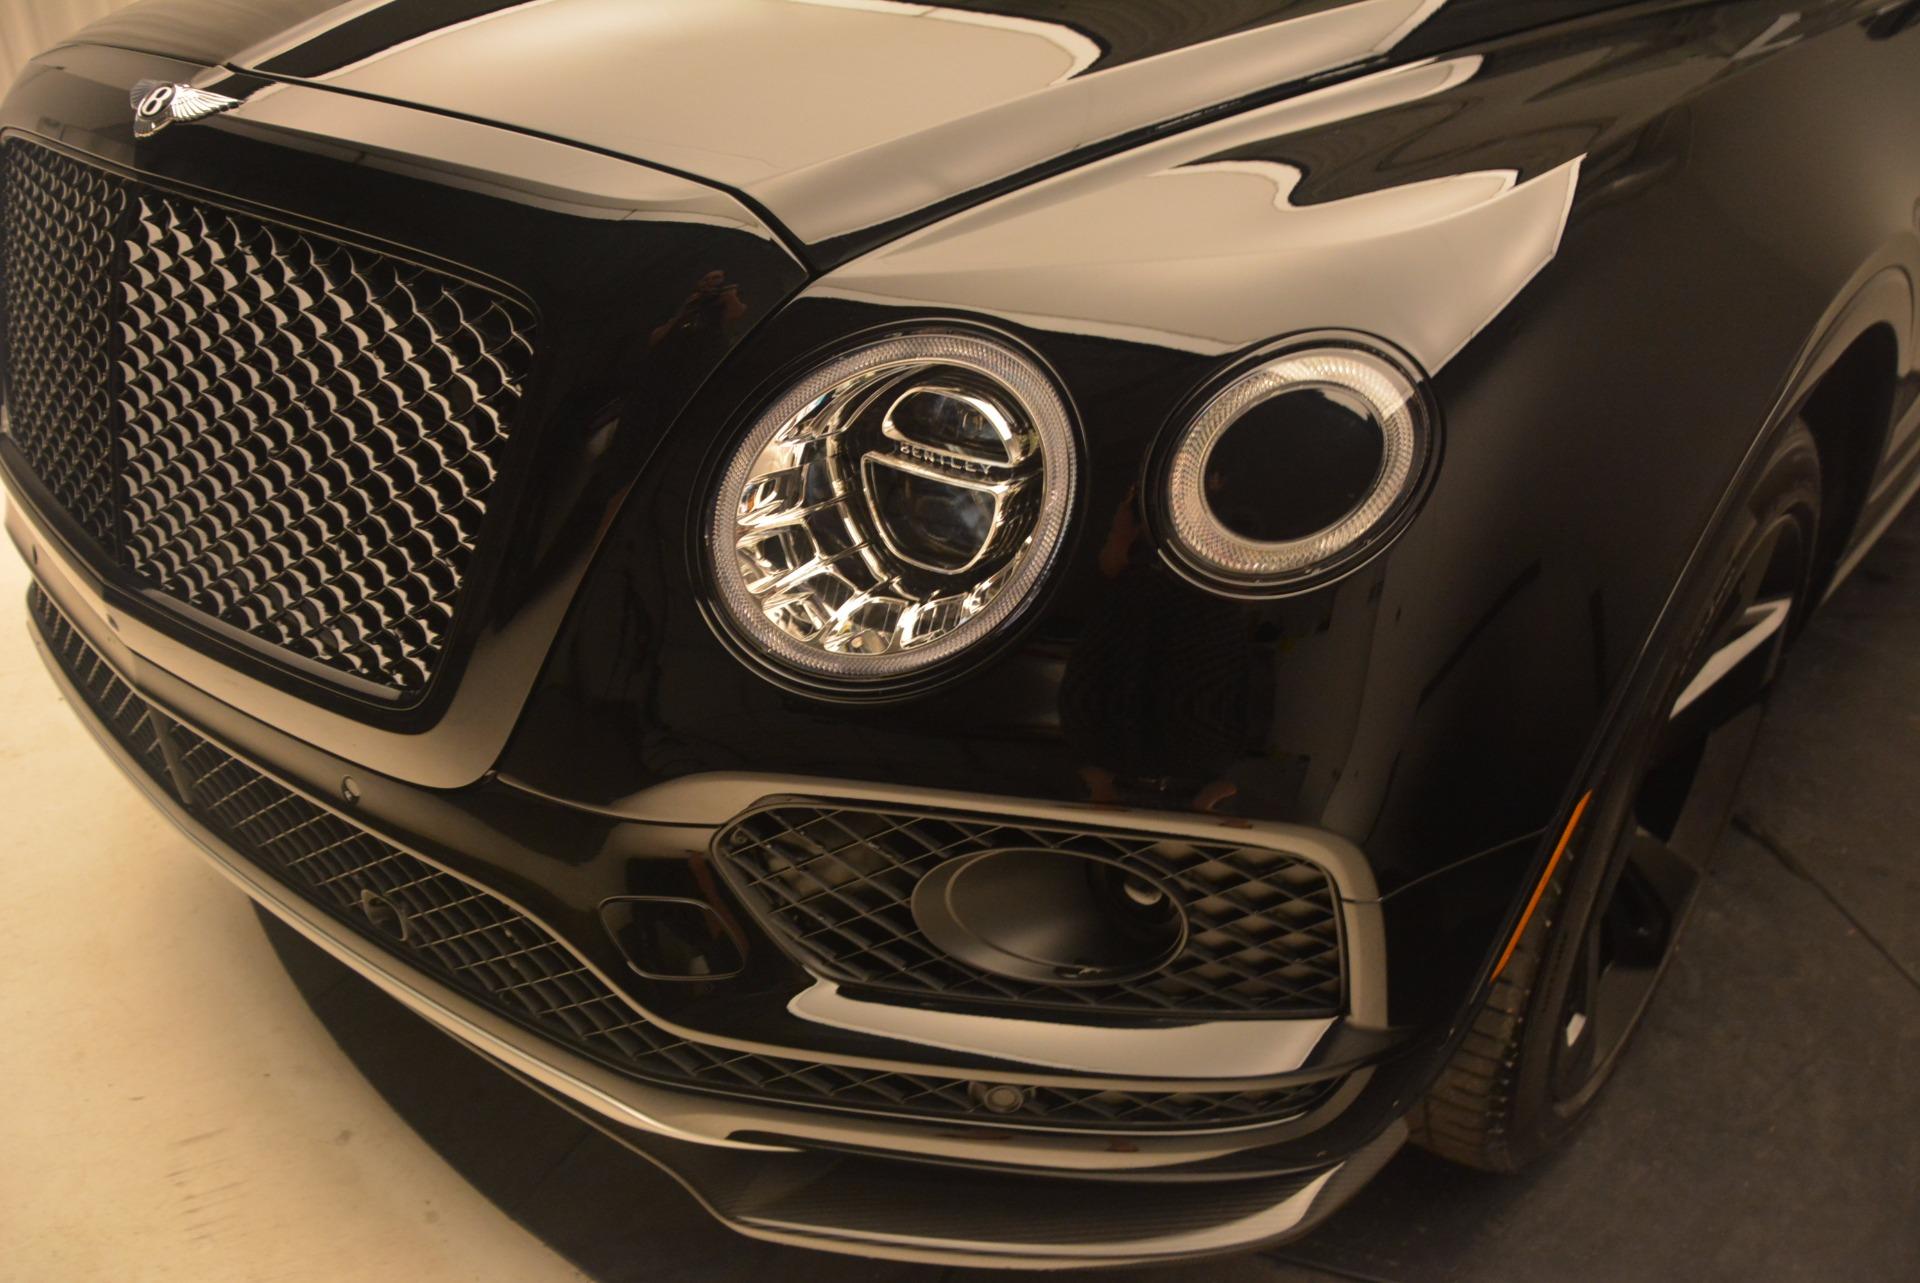 New 2018 Bentley Bentayga Black Edition For Sale In Westport, CT 1287_p16